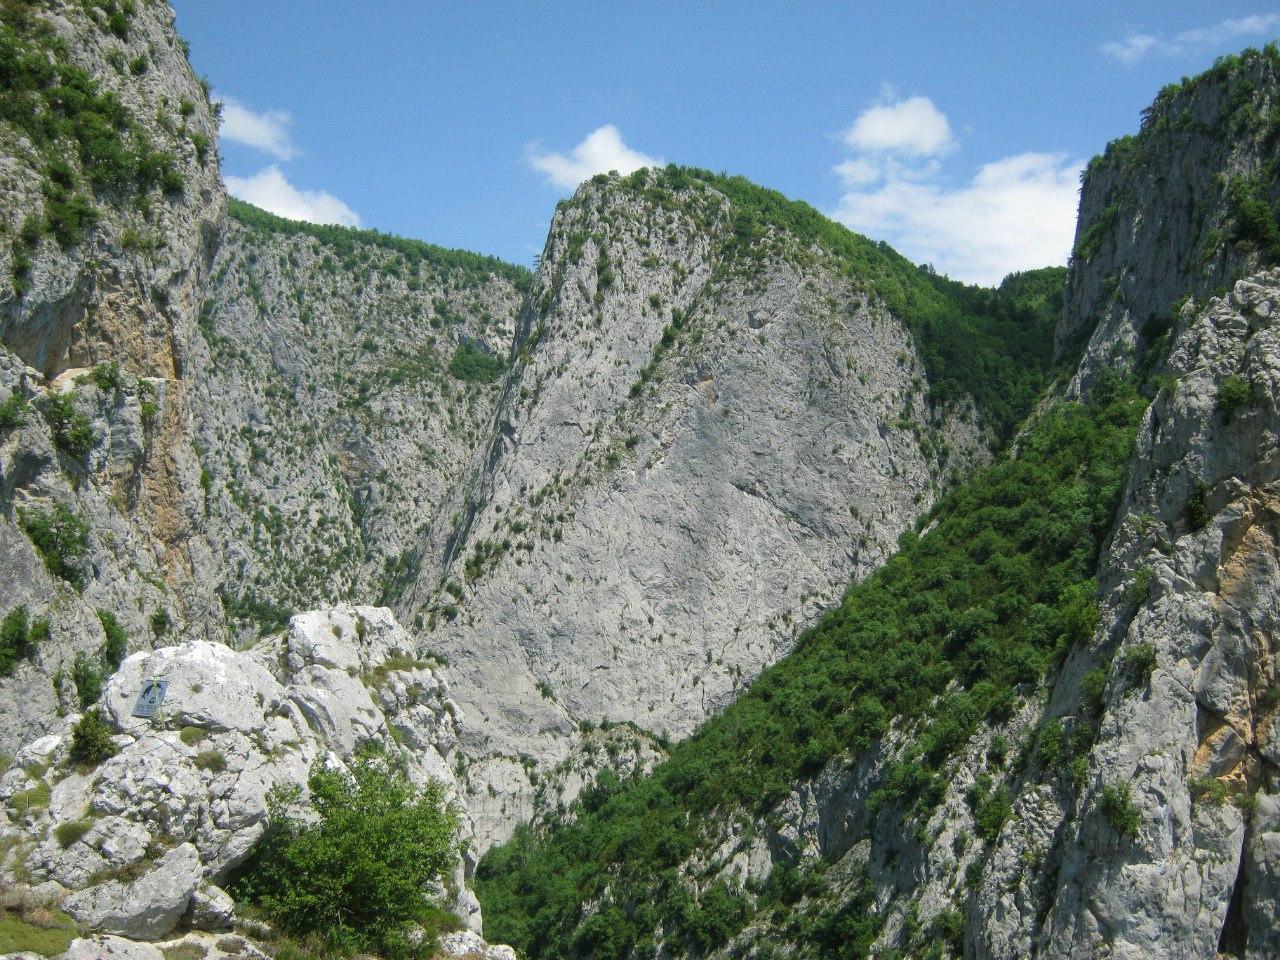 много зелени в черноморском регионе